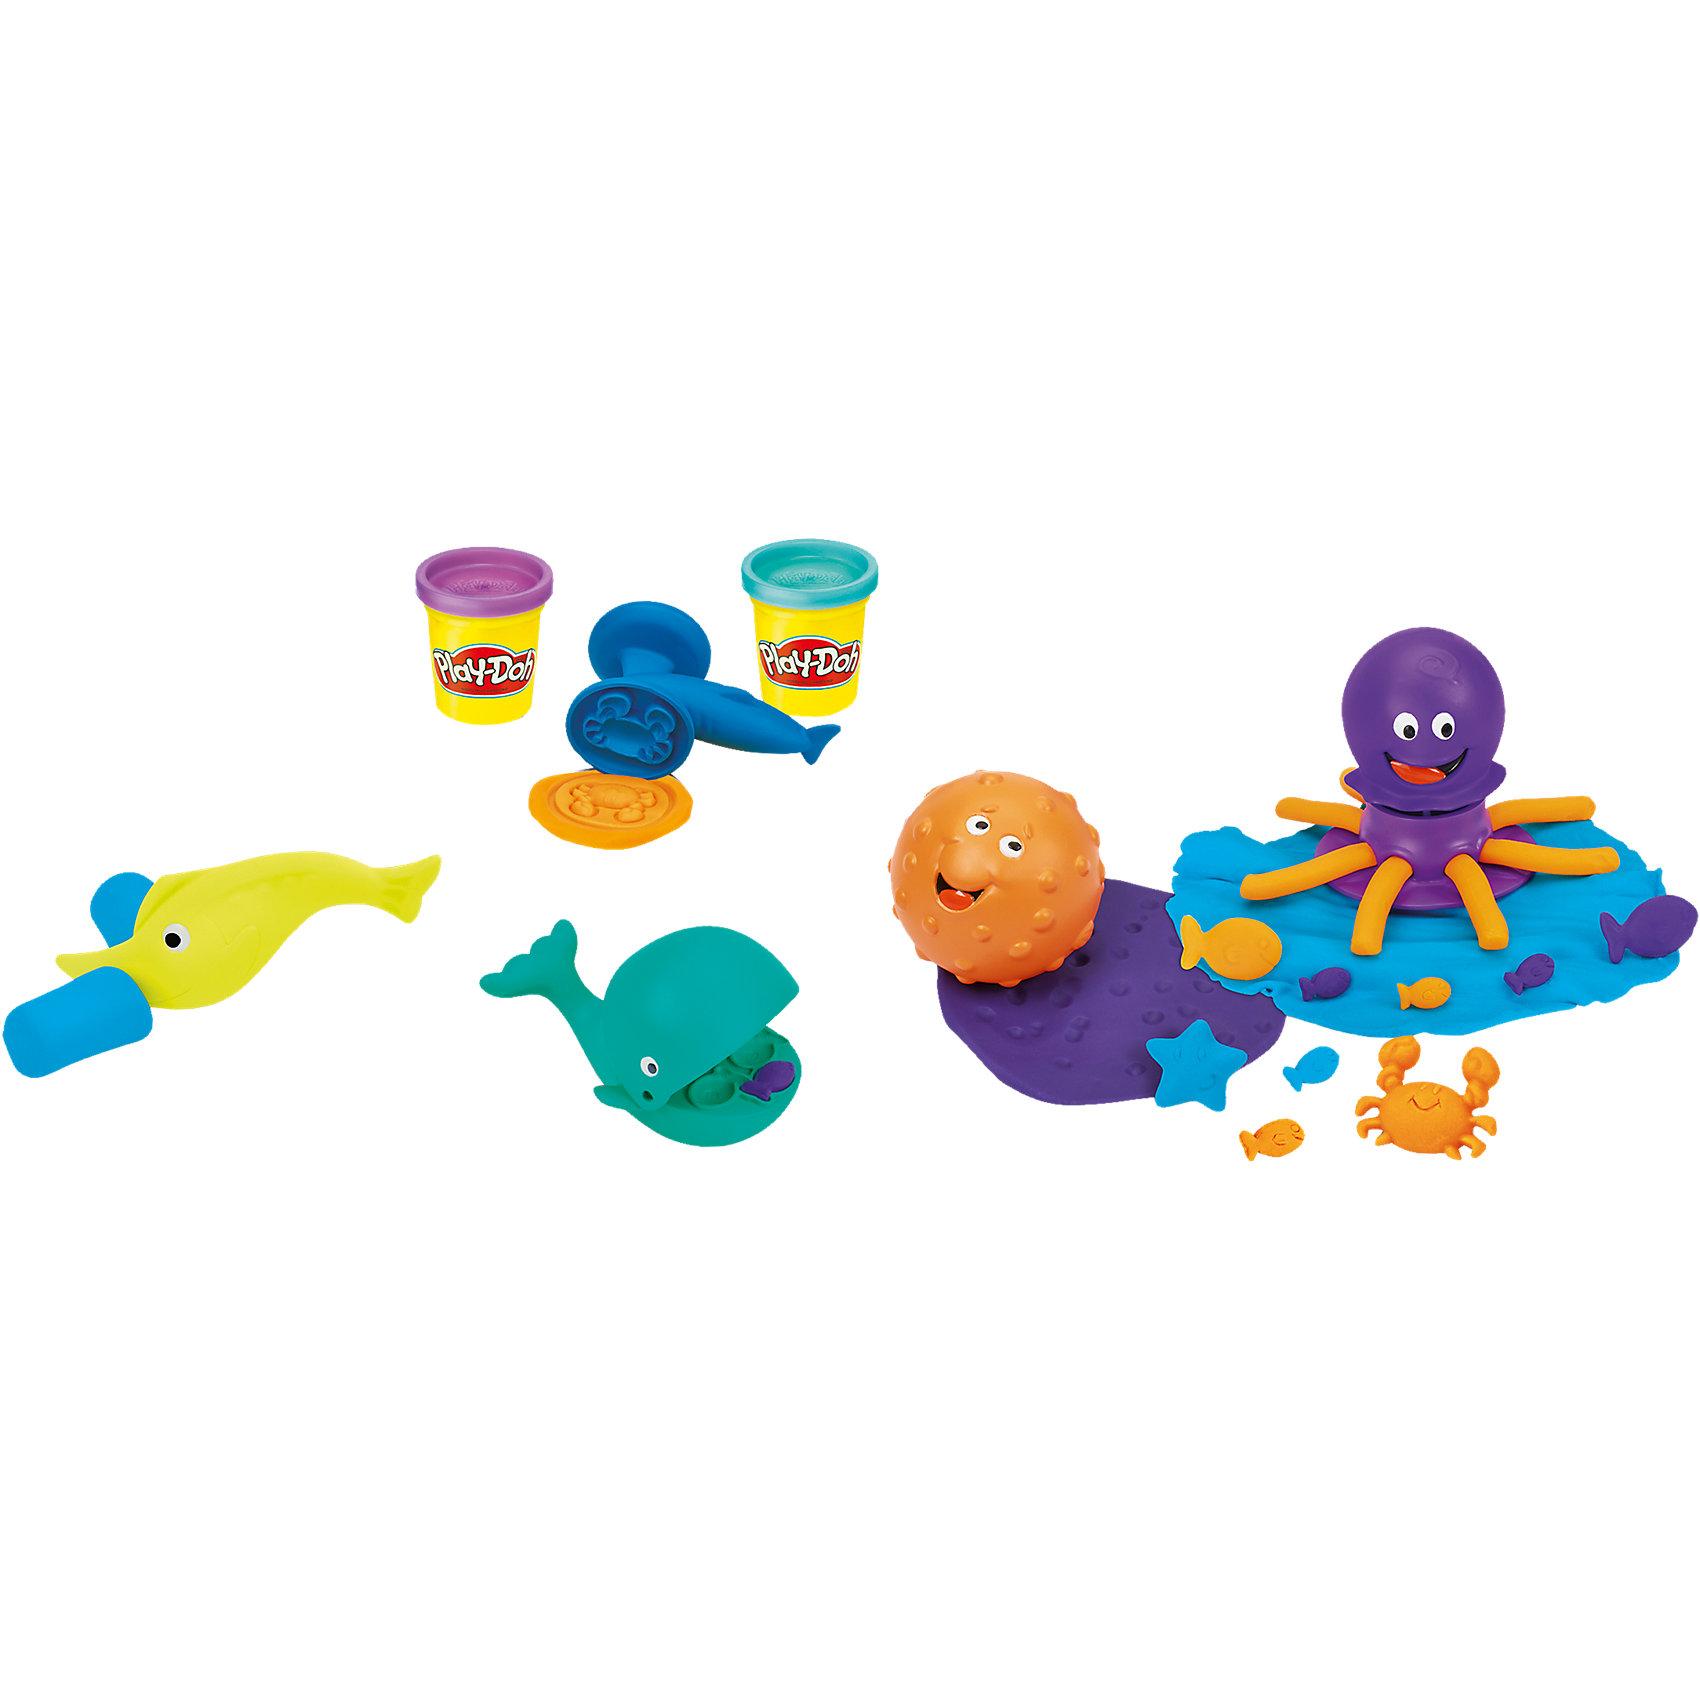 Игровой набор Подводный мир, Play-DohЛепка<br>Игровой набор Подводный мир, Play-Doh (Плэй-До) подарит много часов веселья и полезного времяпрепровождения: режь, штампуй, выдавливай, раскатывай и многое другое!<br><br>Характеристики:<br>-Пластилин создан из пищевых компонентов, благодаря чему он абсолютно безопасен <br>-Пластилин не липнет к рукам, не оставляет следов на одежде, имеет приятный запах<br><br>Комплектация: штамп акула-молот, ролик рыба-молот, экструдер-осьминог, рыба-резак, форма для выдавливания в виде кита , 3 баночки разноцветного пластилина<br><br>Дополнительная информация:<br>-Материалы: пластик, пластилин<br><br>Игровой набор Подводный мир от Плэй-До обязательно понравится всем маленьким любителям проводить время за лепкой!<br><br>Игровой набор Подводный мир, Play-Doh (Плэй-До) можно купить в нашем магазине.<br><br>Ширина мм: 211<br>Глубина мм: 180<br>Высота мм: 63<br>Вес г: 425<br>Возраст от месяцев: 36<br>Возраст до месяцев: 72<br>Пол: Унисекс<br>Возраст: Детский<br>SKU: 4156434